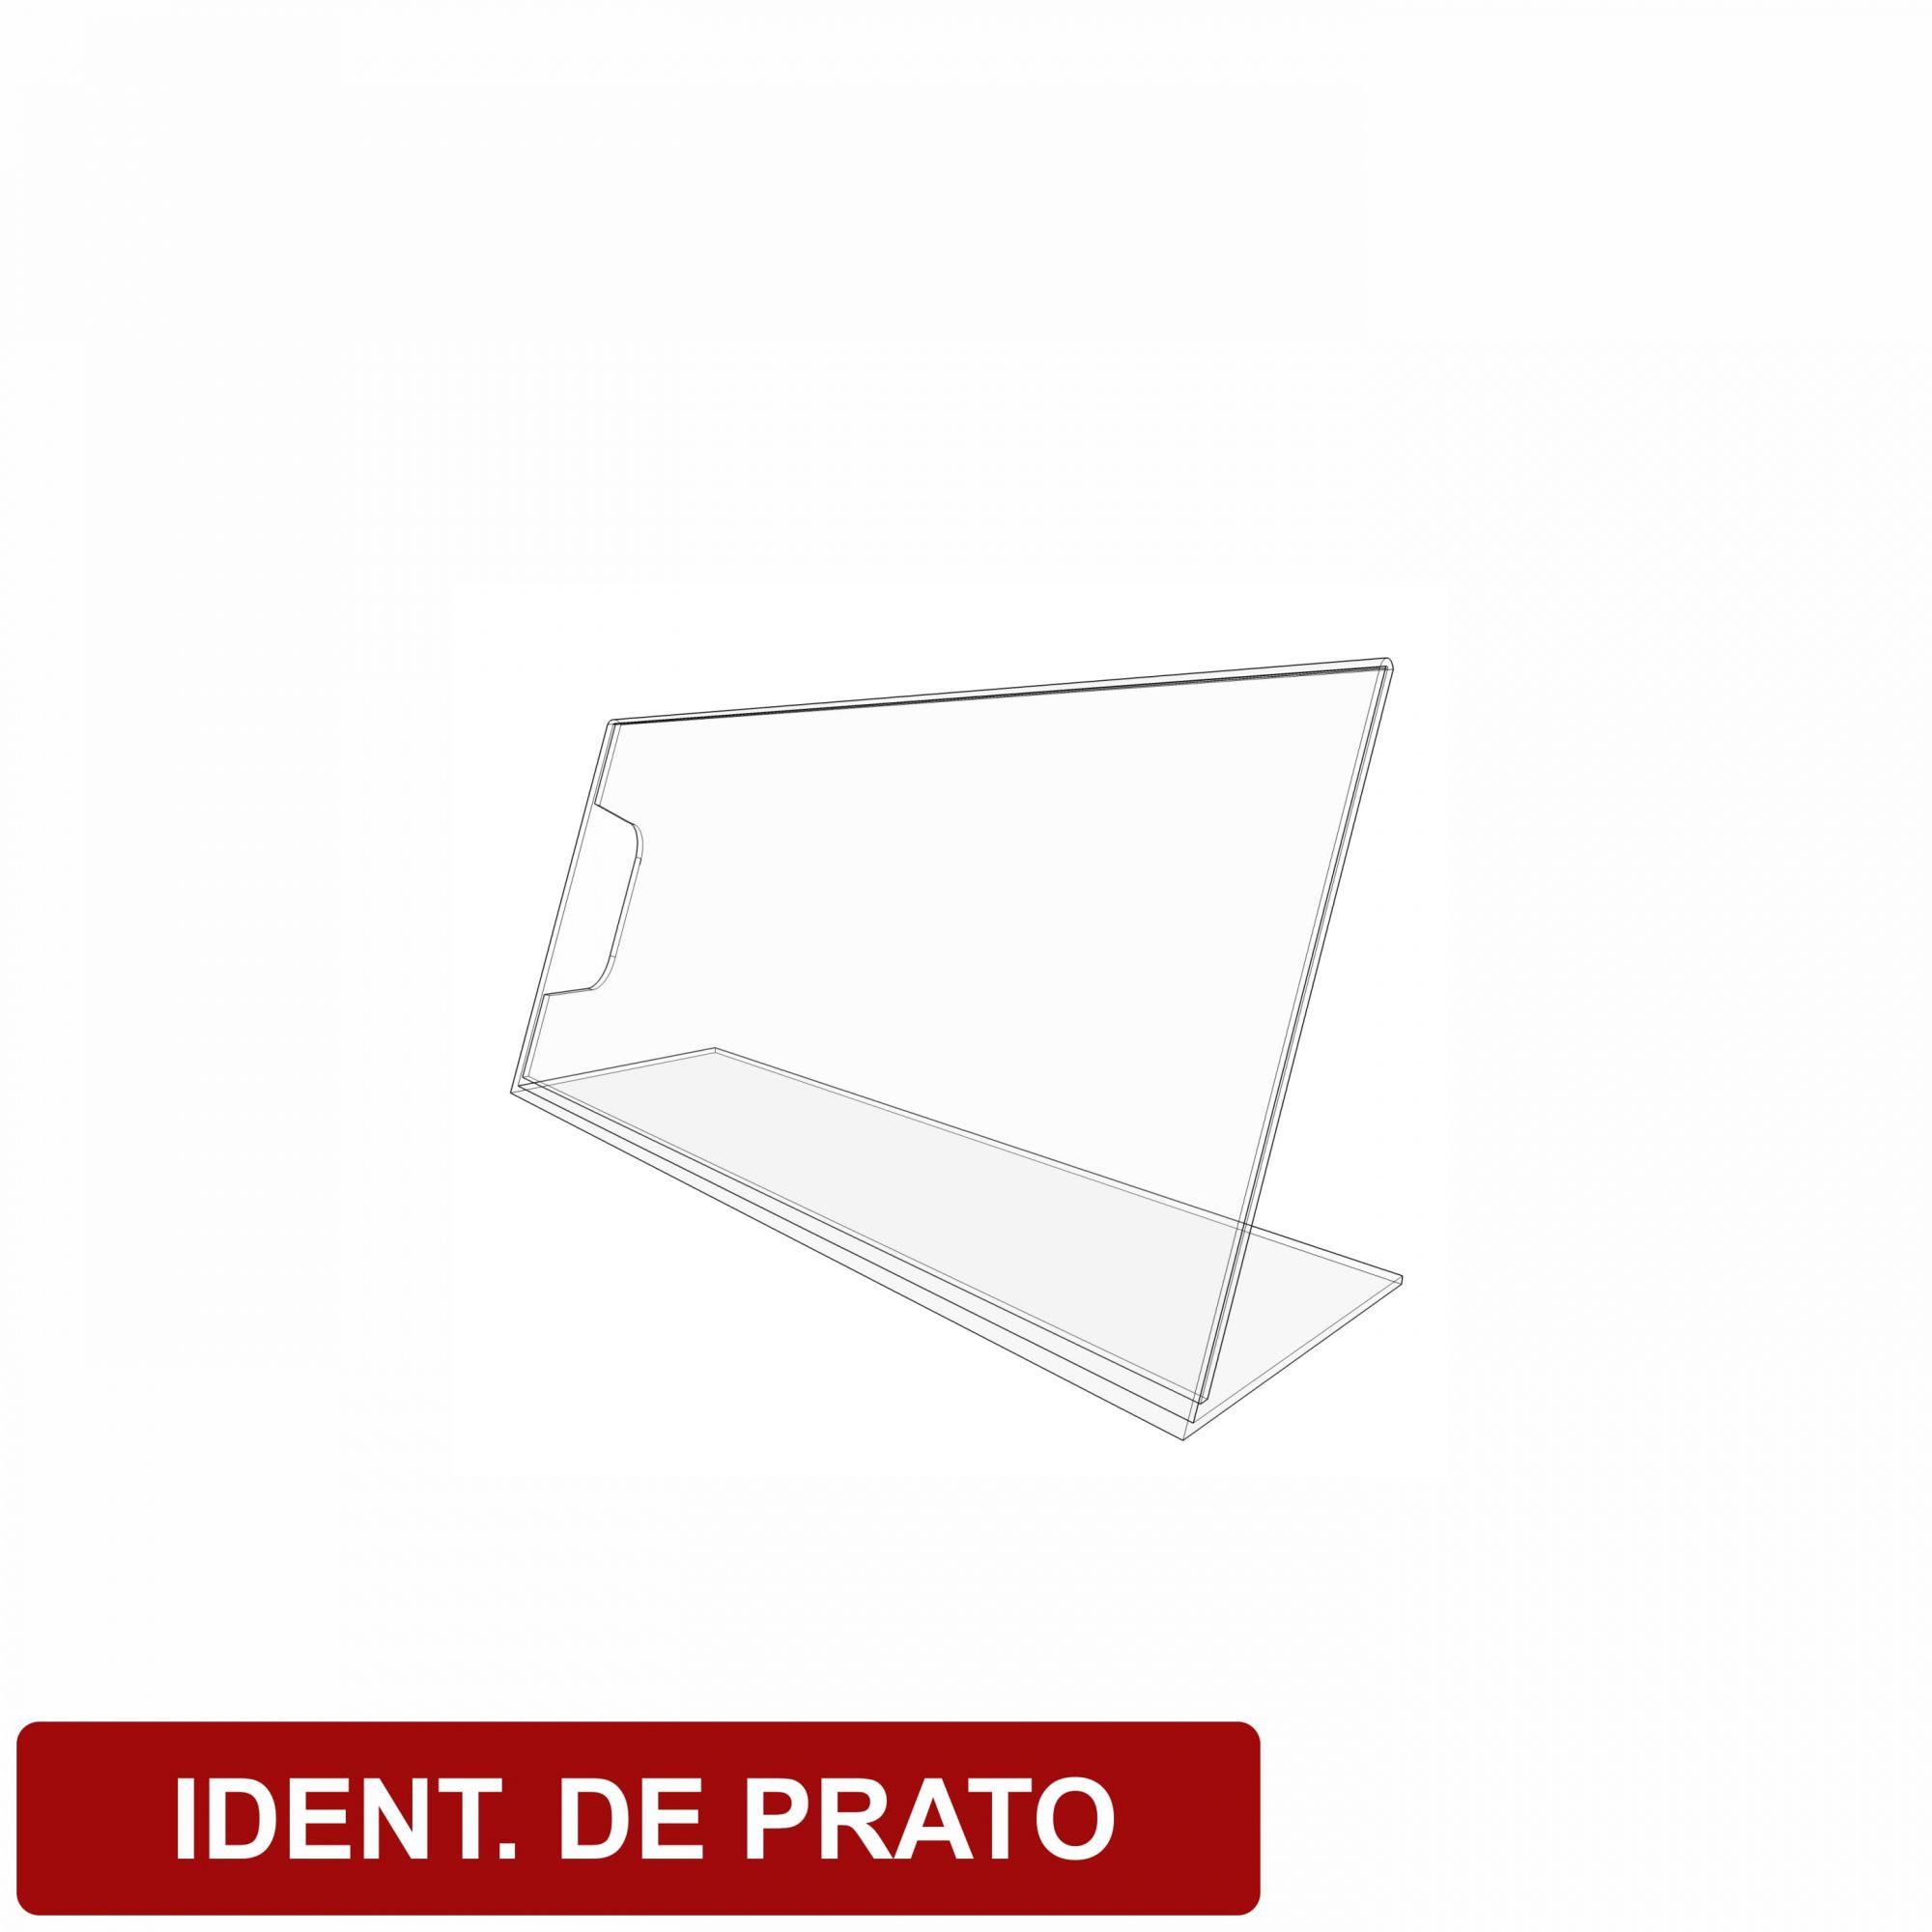 Display identificador de pratos  - Towbar Sinalização de Segurança